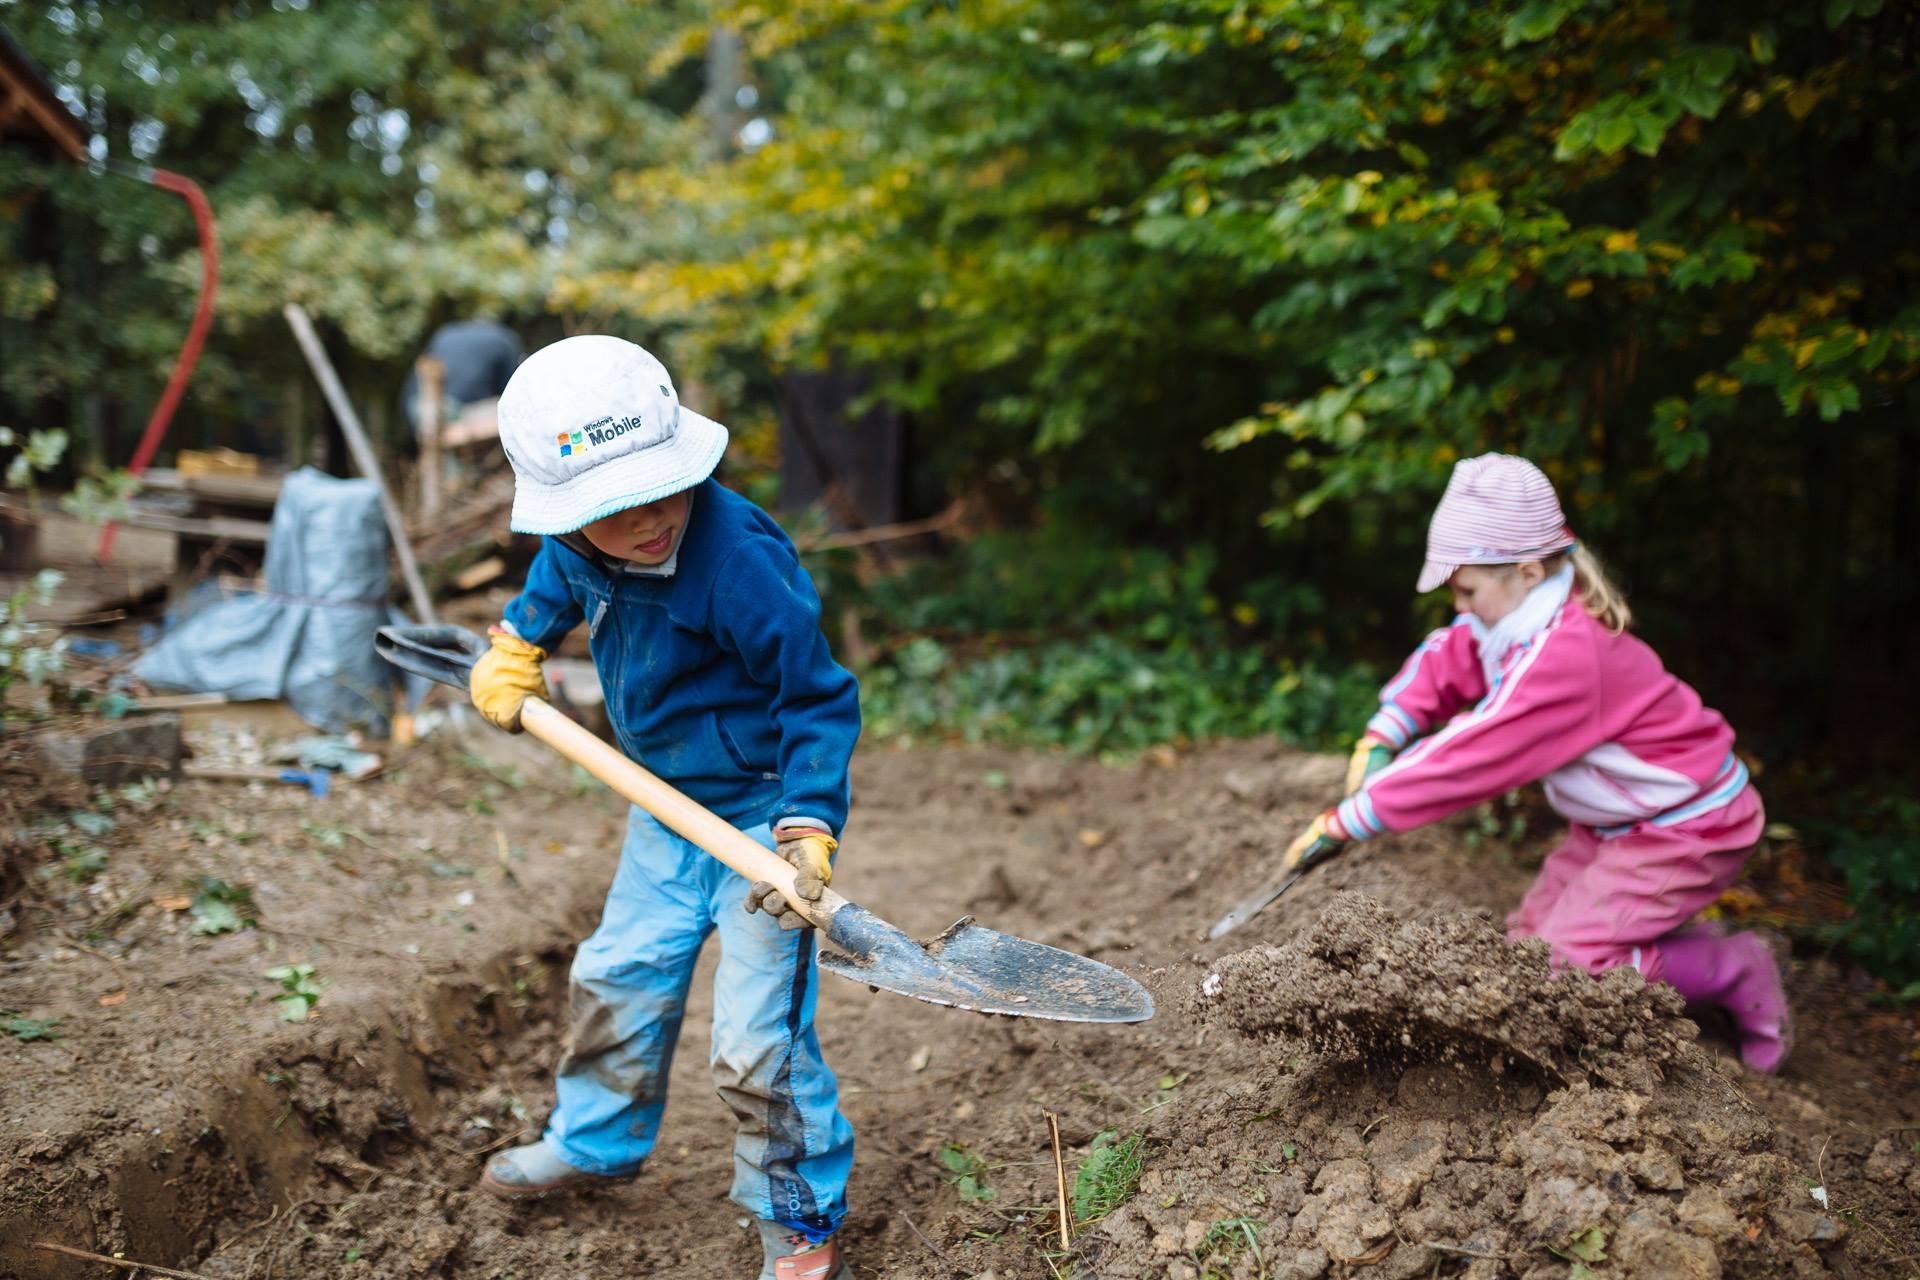 Rodiny pomáhaly vlesní školce